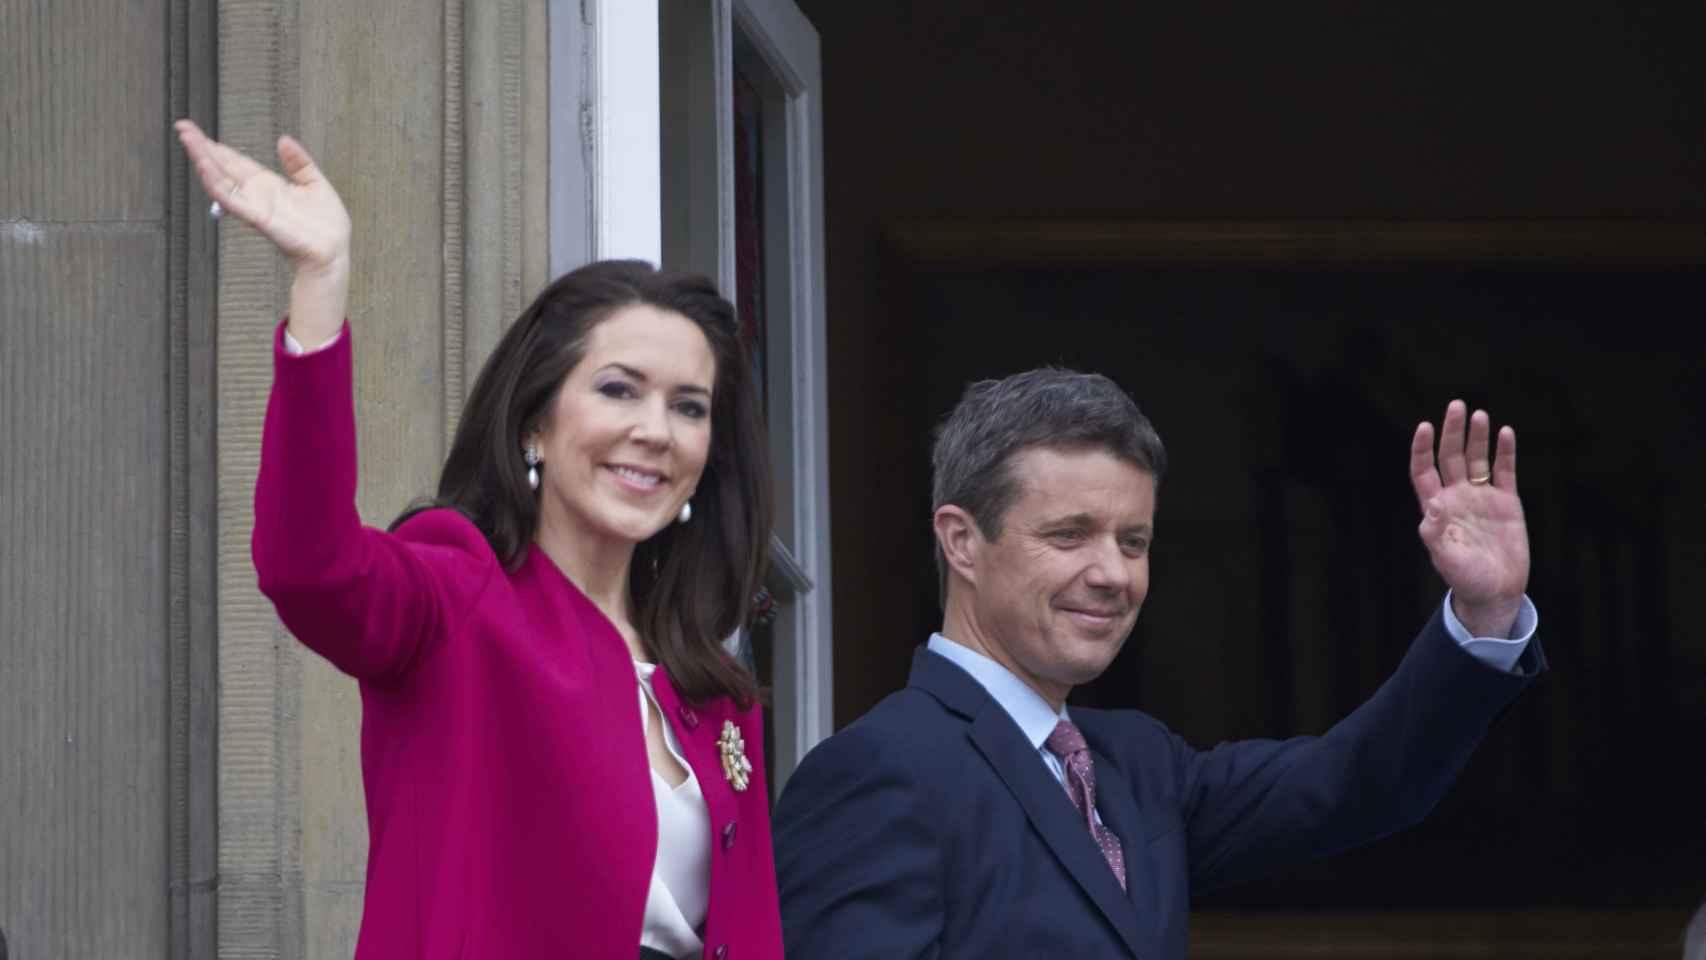 El príncipe Federico de Dinamarca y la princesa María de Dinamarca